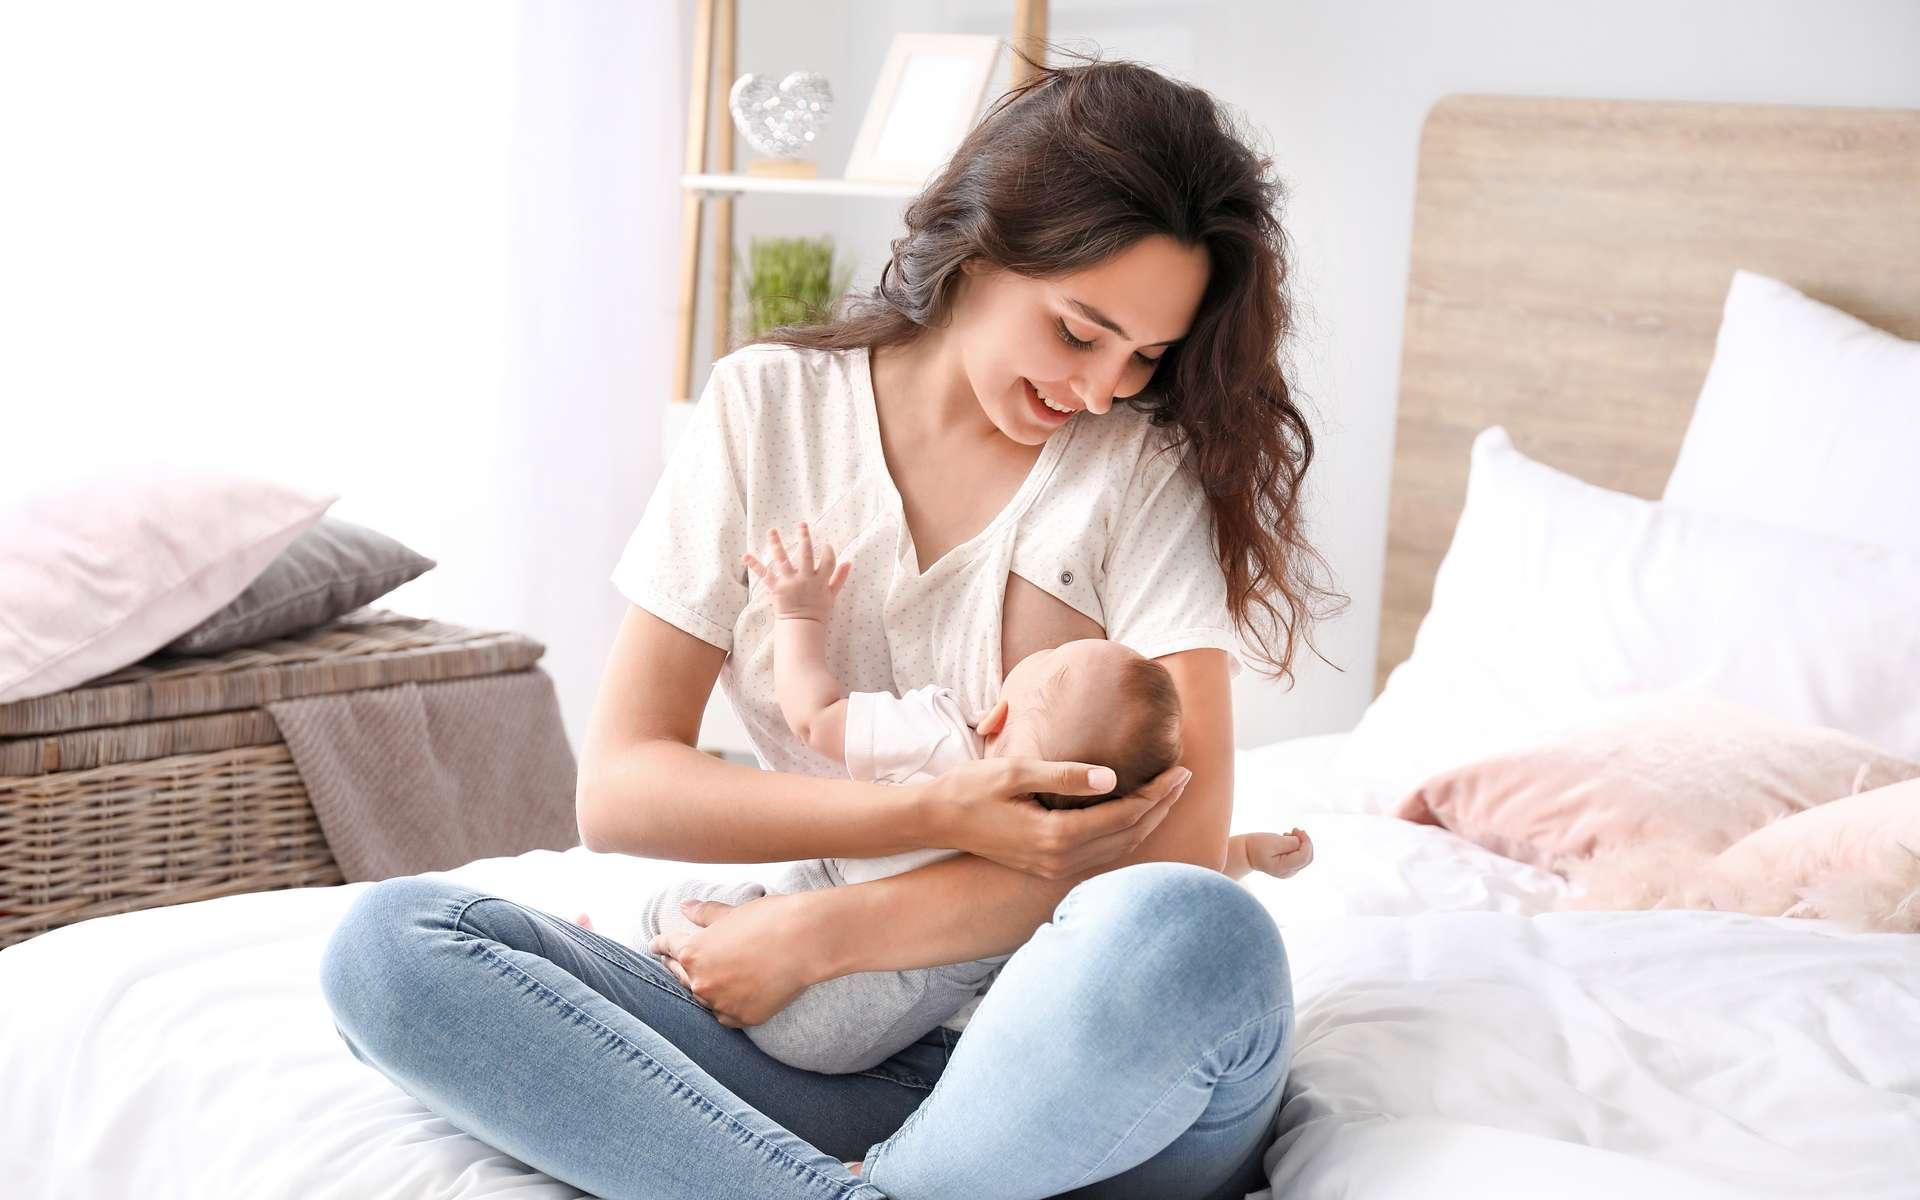 Découvrez dans quels cas vous ne devez absolument pas allaiter votre enfant © Pixel-Shot, Adobe Stock